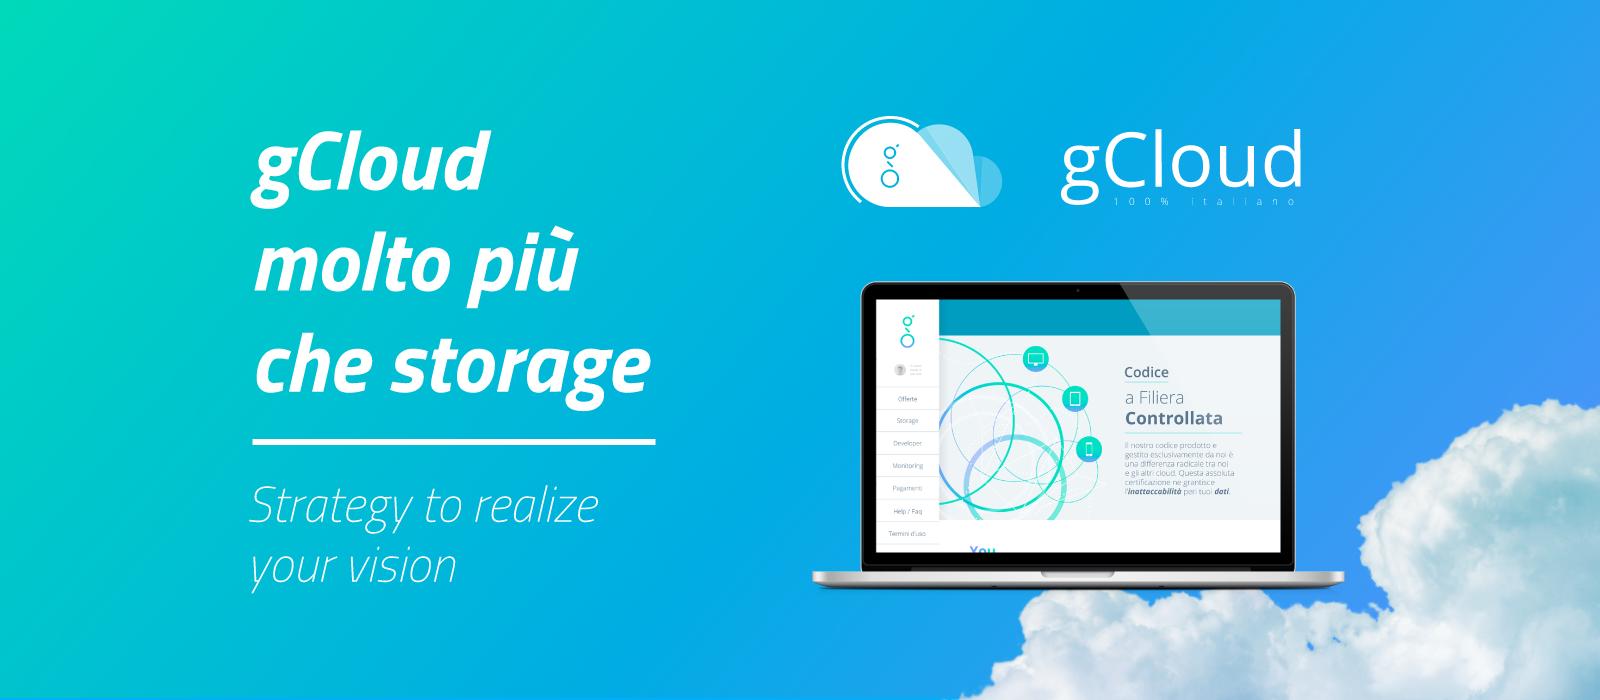 gCloud molto più che storage by schema31